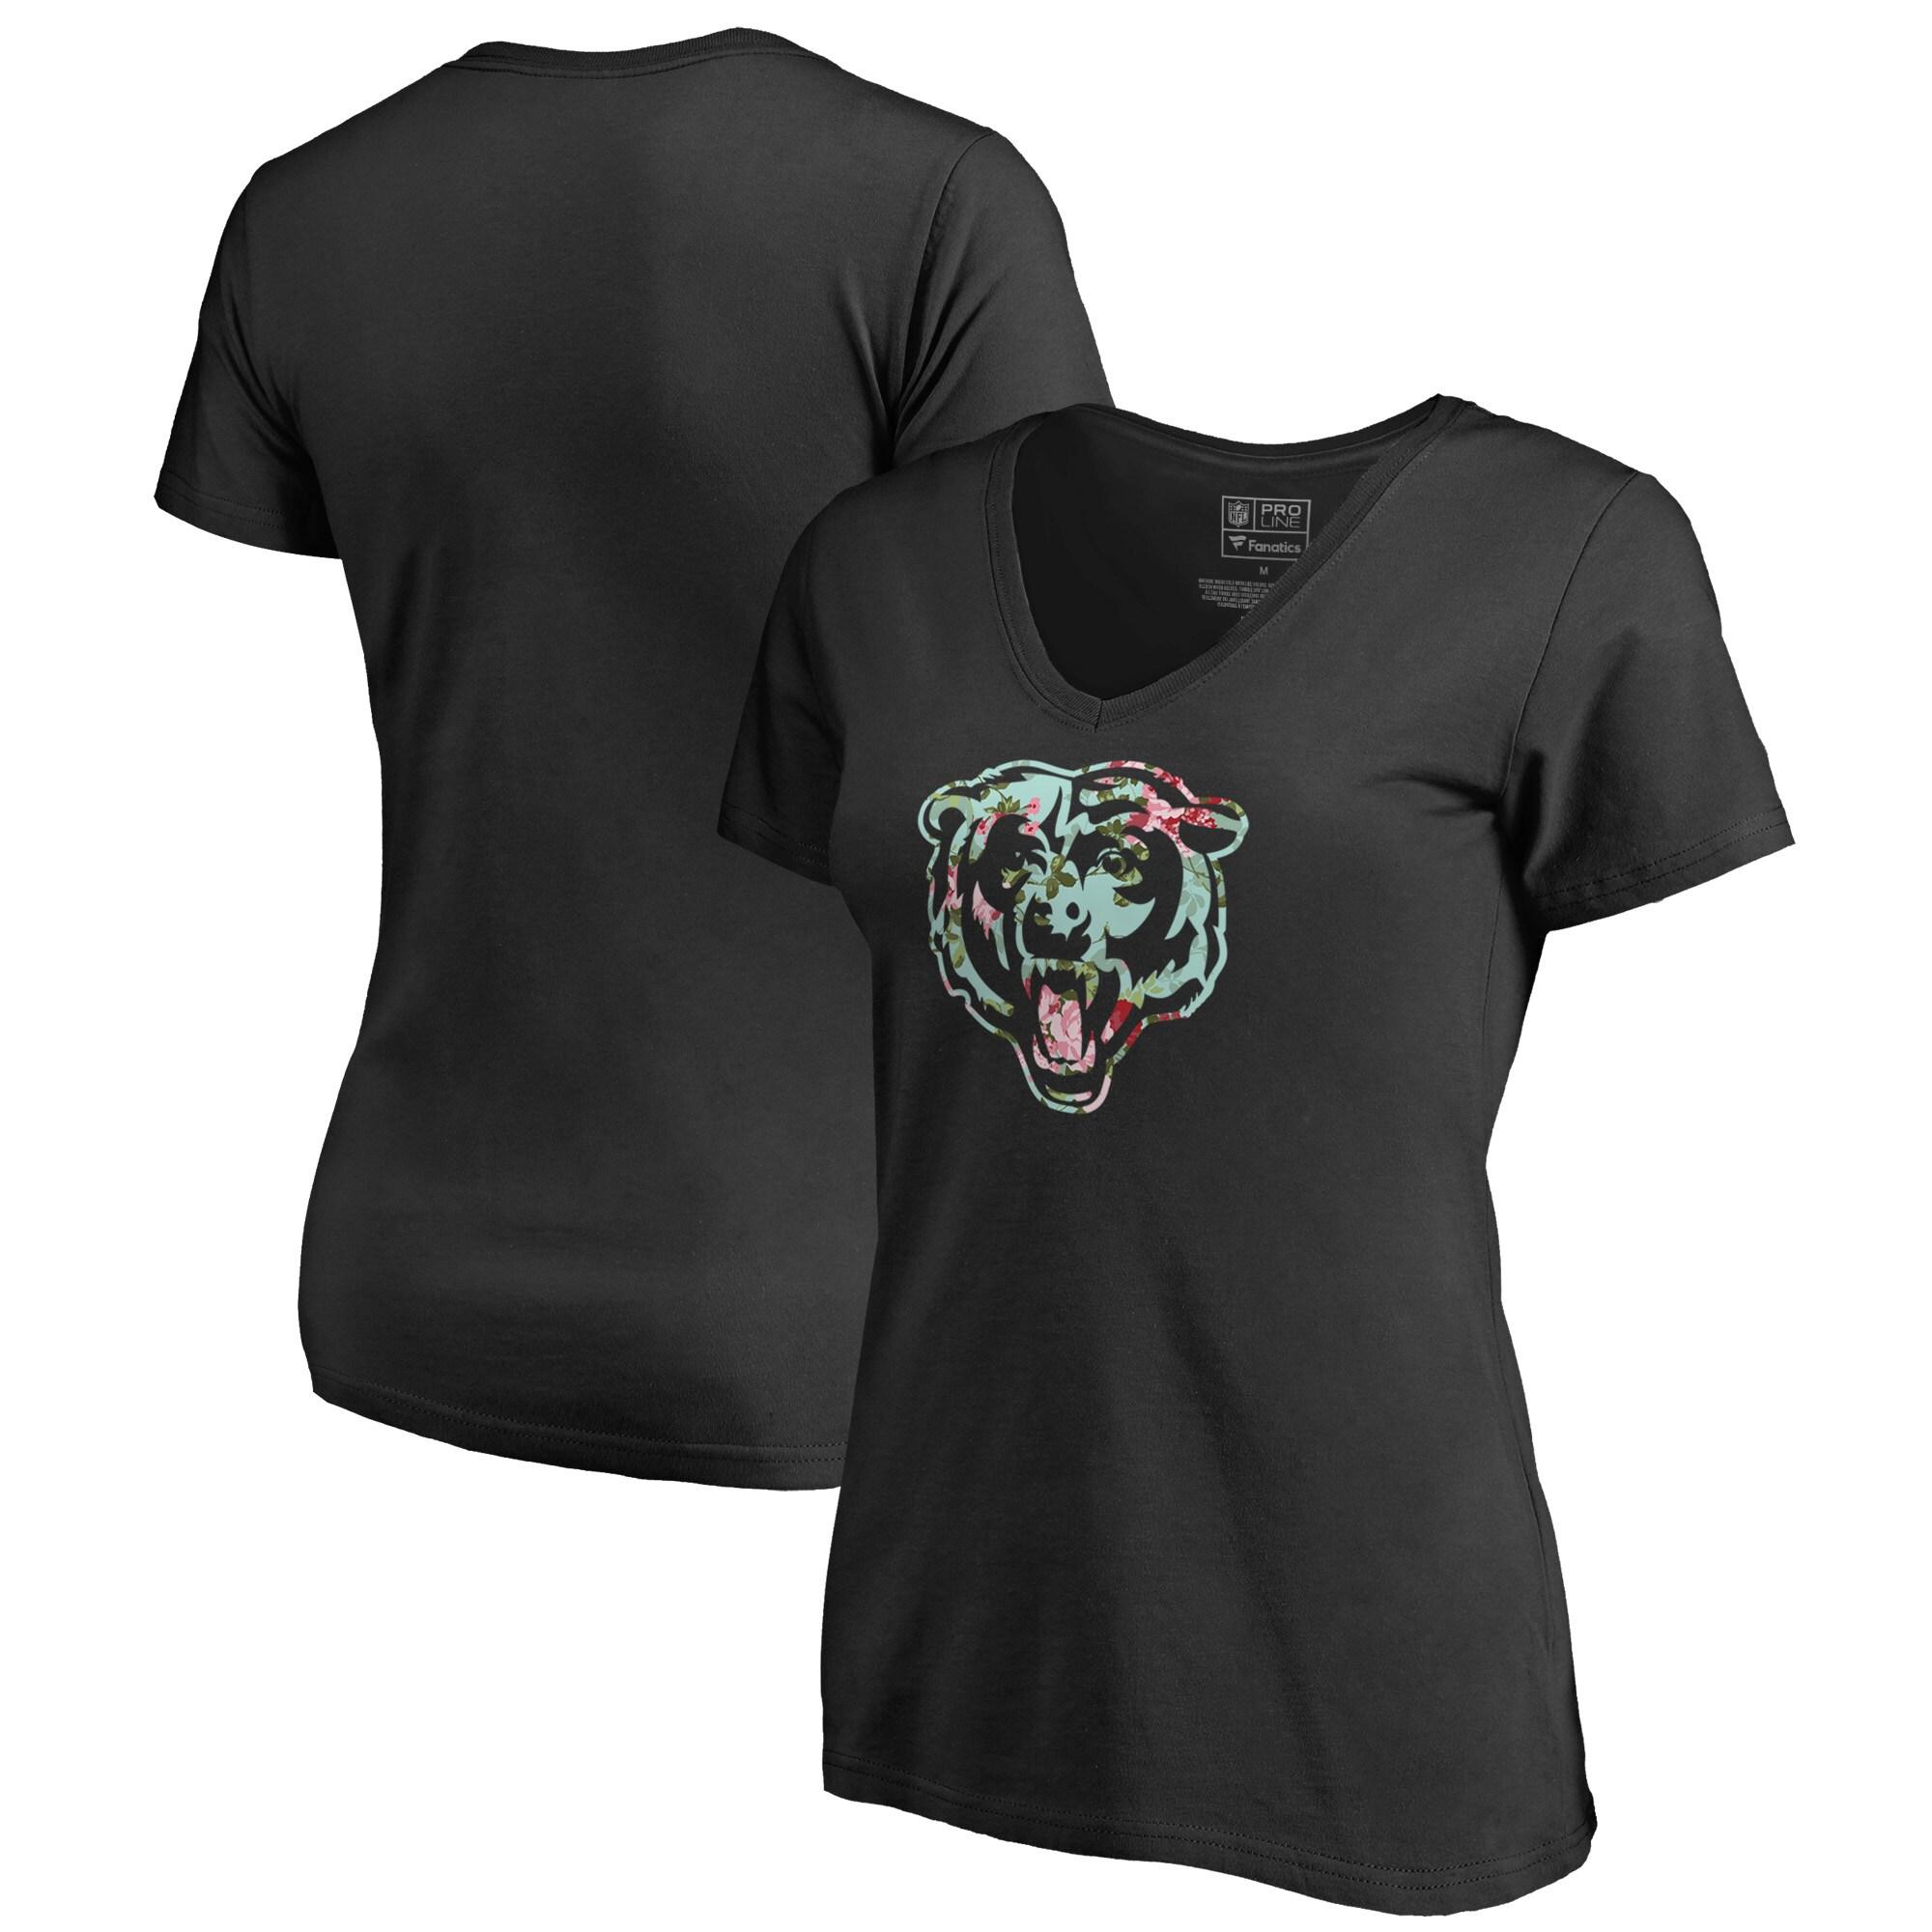 Chicago Bears NFL Pro Line by Fanatics Branded Women's Lovely V-Neck T-Shirt - Black